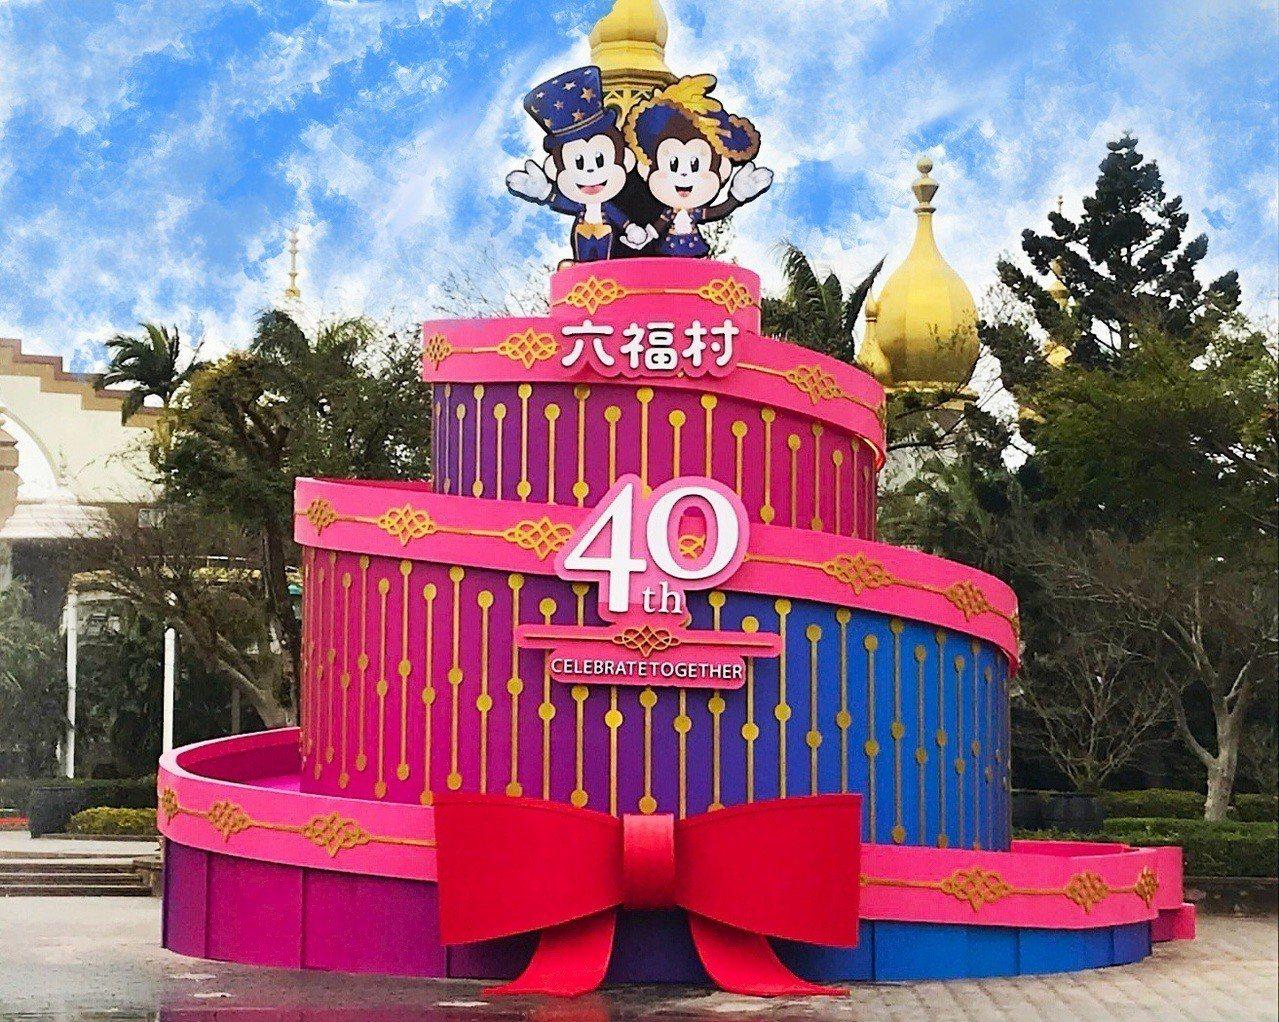 高近3層樓高的巨大蛋糕造型旋轉溜滑梯也終於在農曆新年前與遊客見面。圖/六福村提供